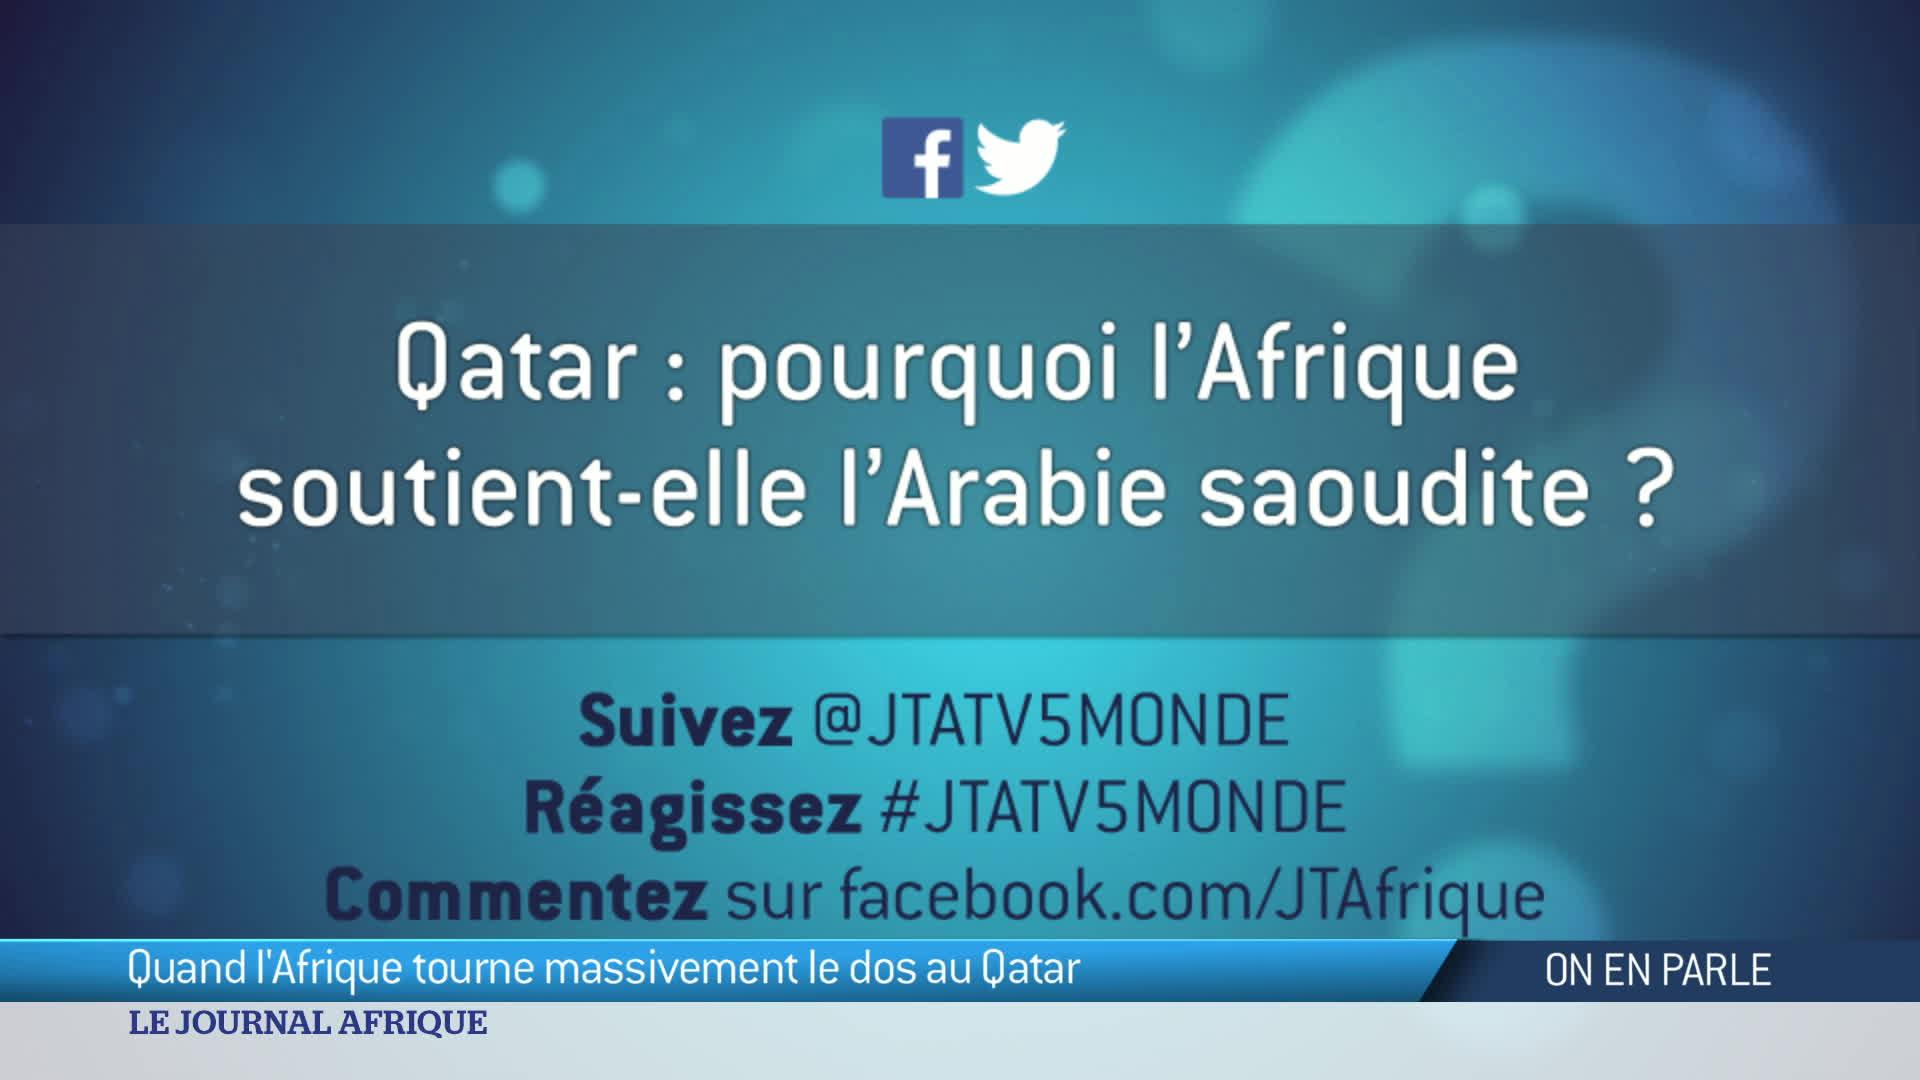 On en parle : quand l'Afrique tourne massivement le dos au Qatar